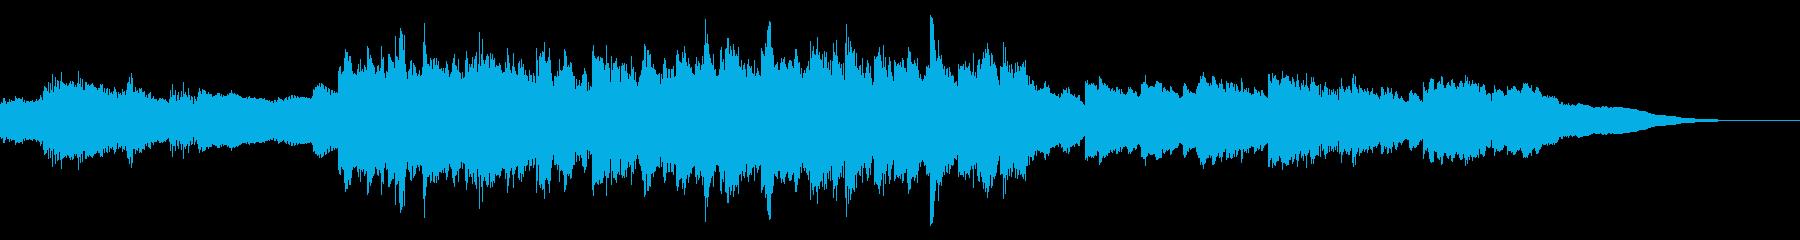 ダークで神秘的な倍音のある童nur...の再生済みの波形